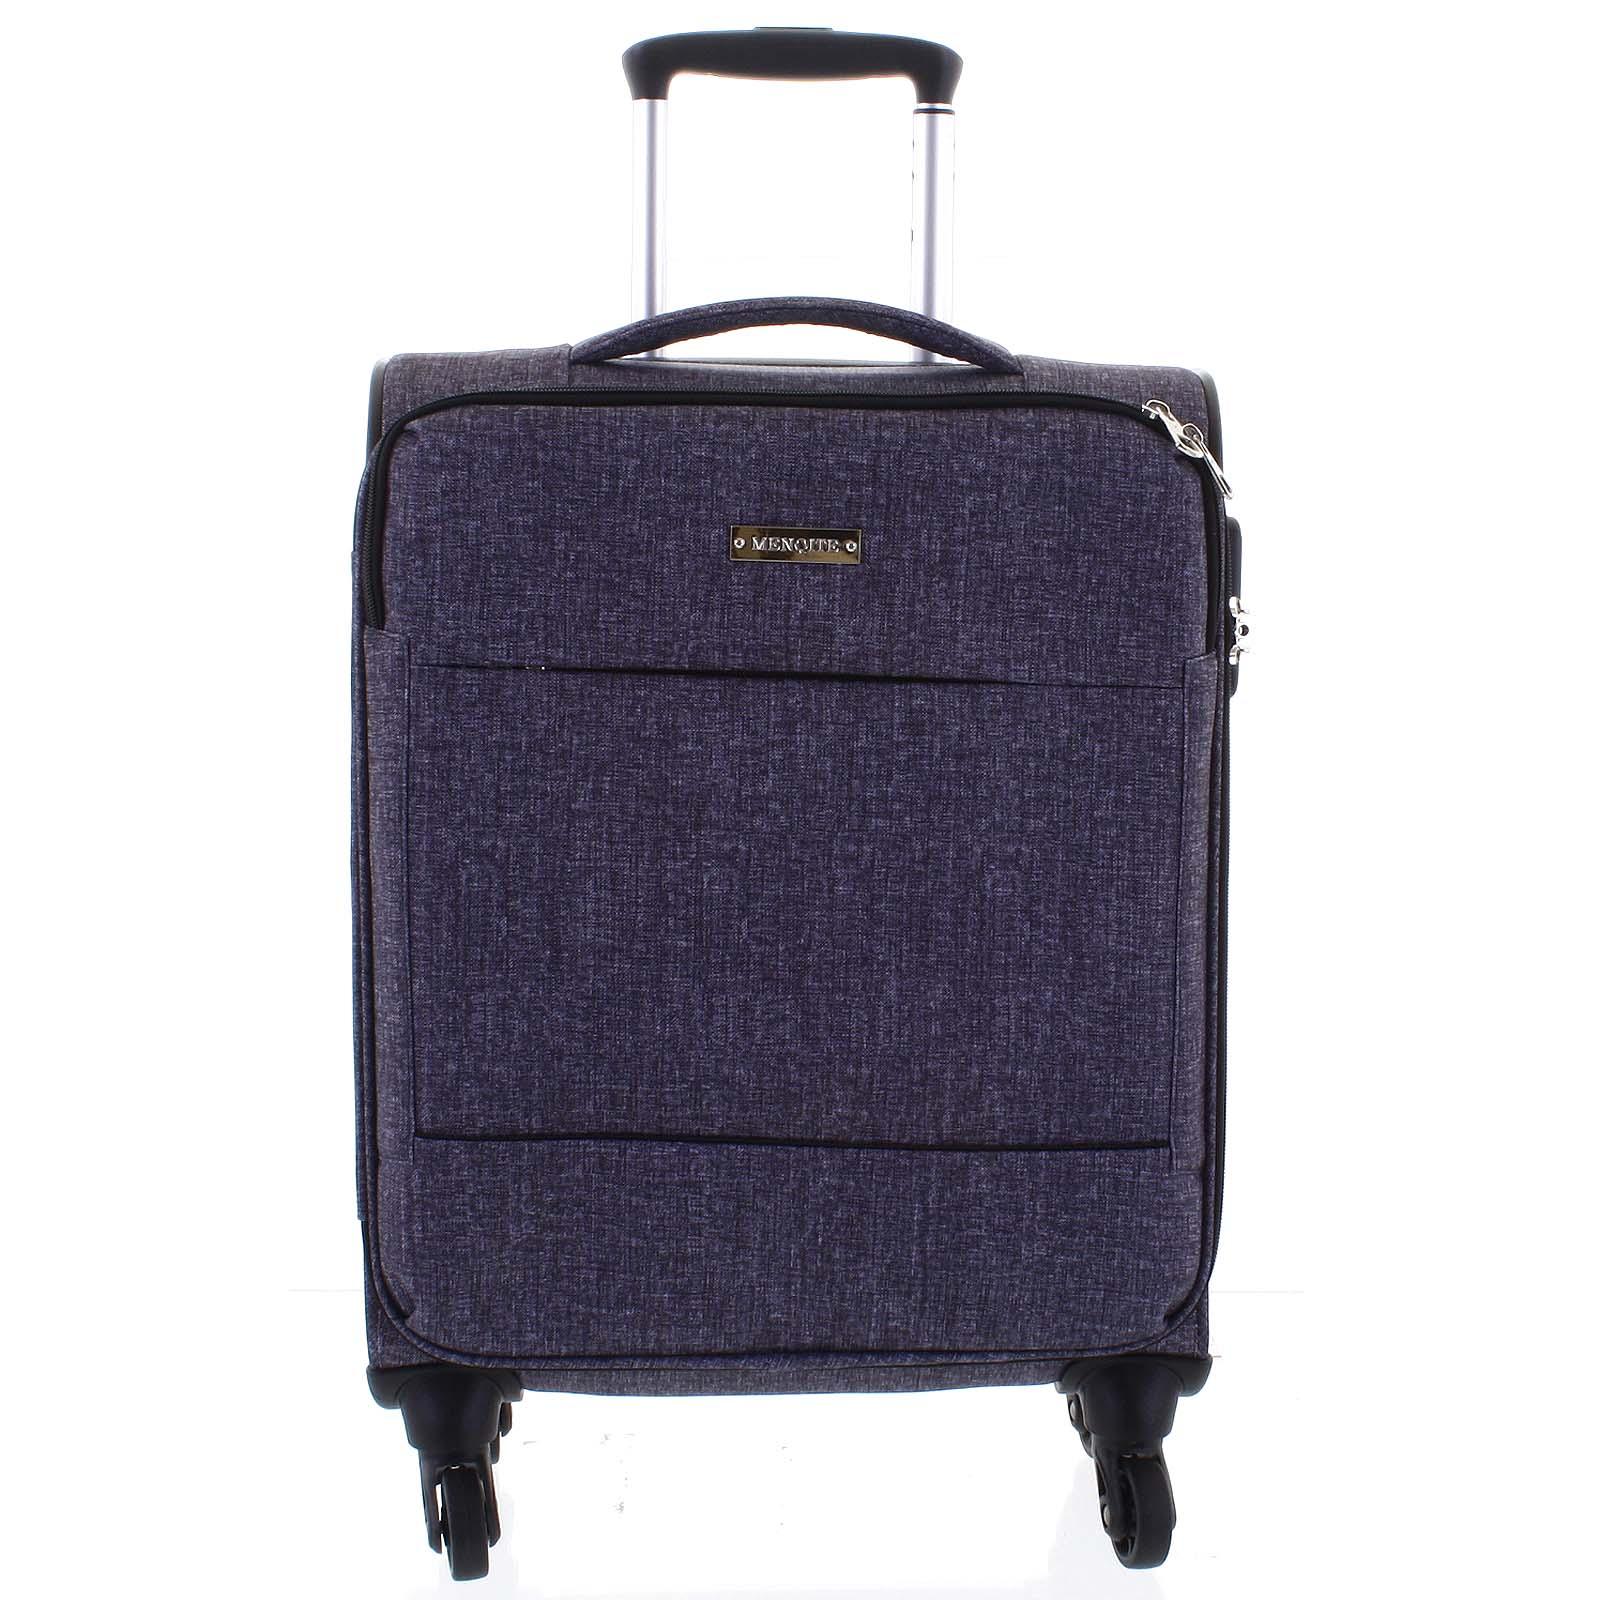 Odľahčený cestovný kufor svetlosivý - Menqite Kisar M